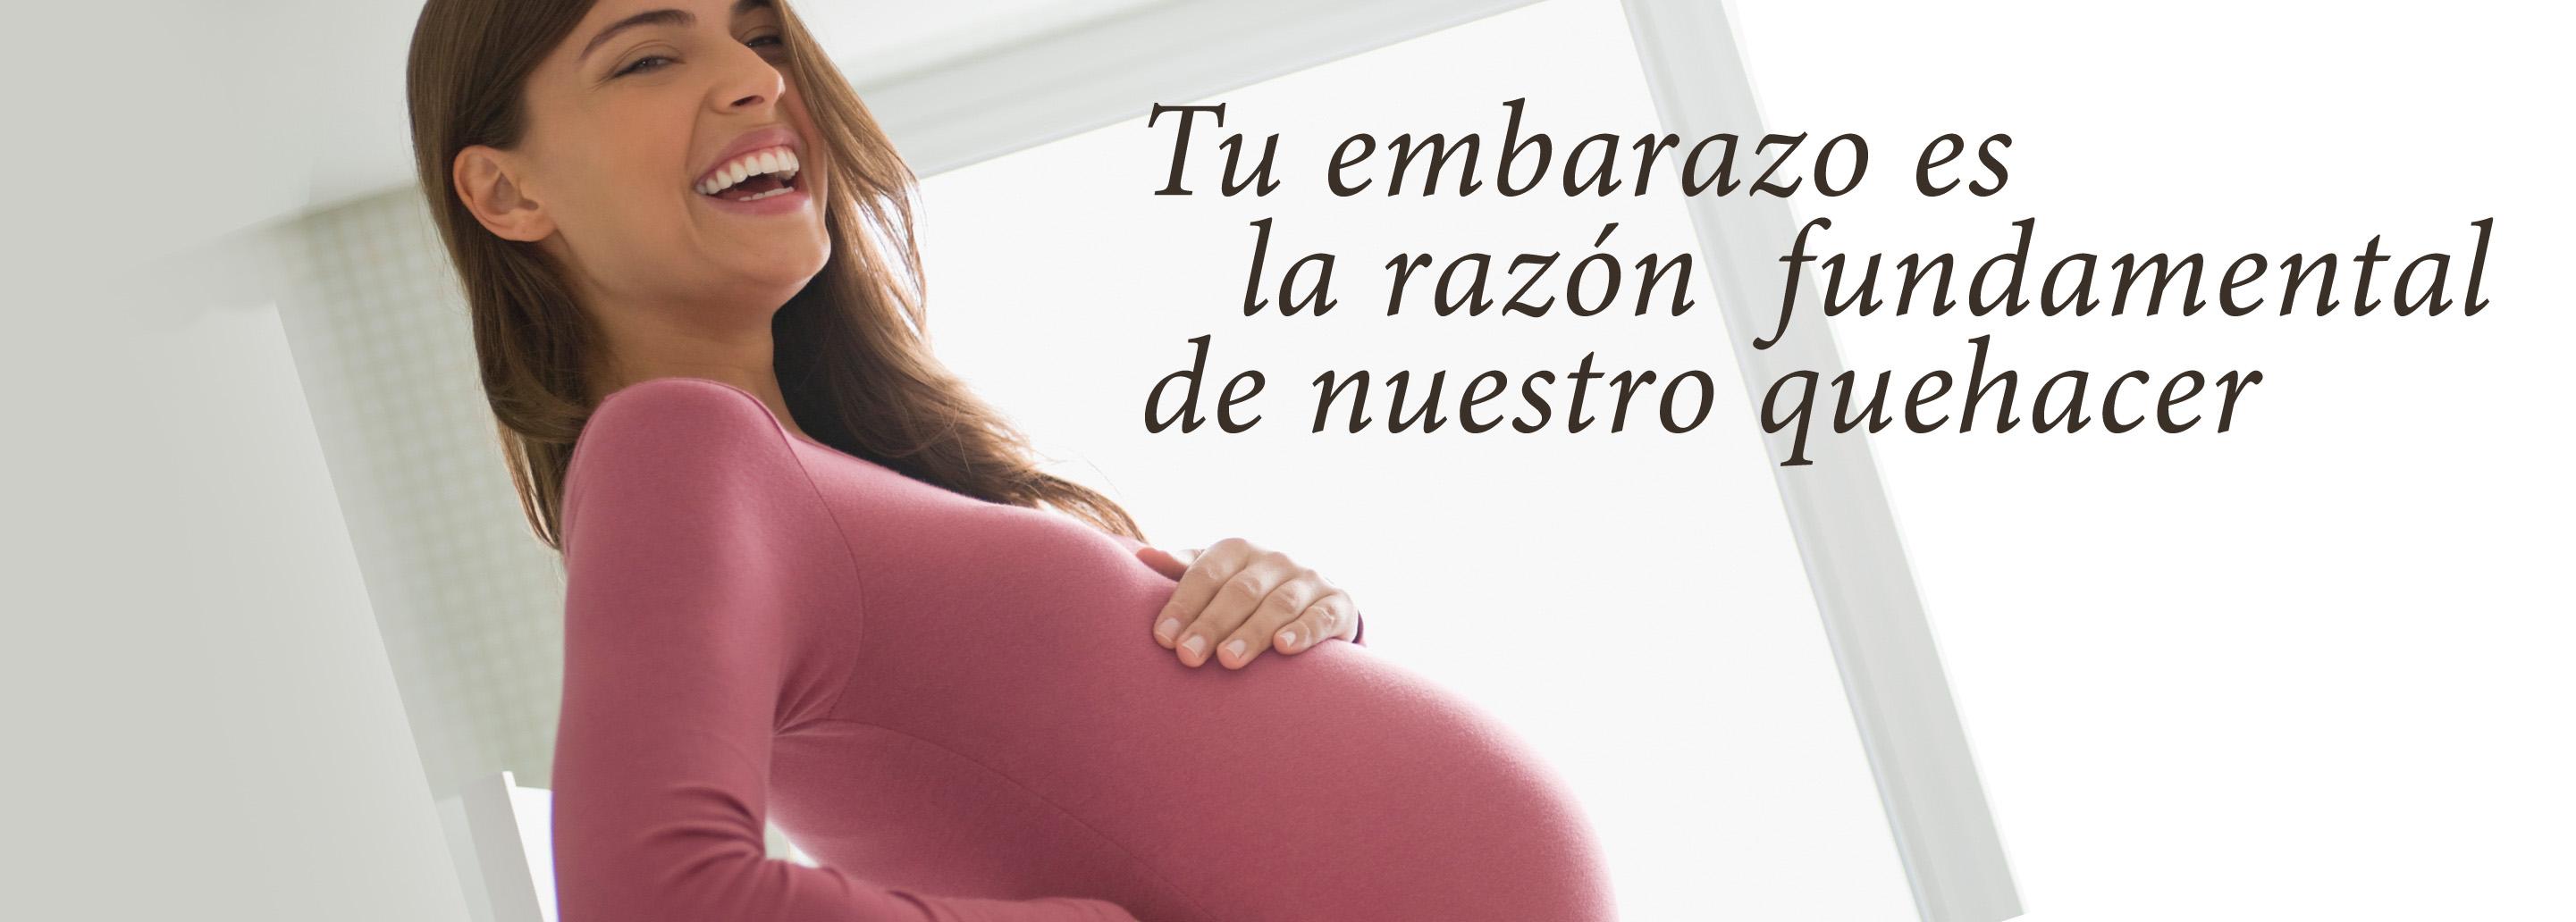 control y seguimiento del embarazo